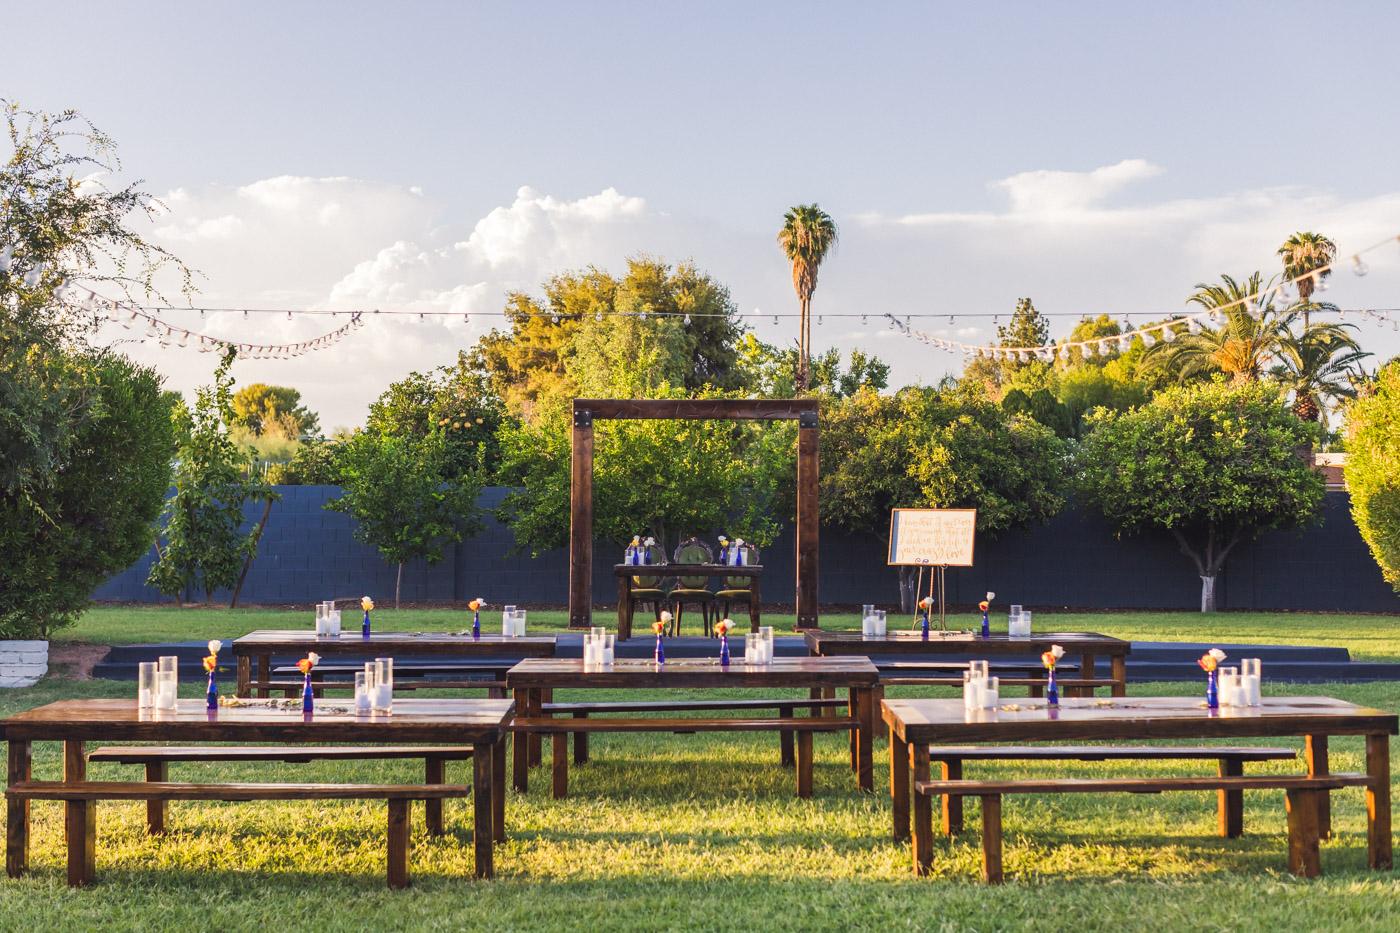 gather-estate-wedding-reception-details